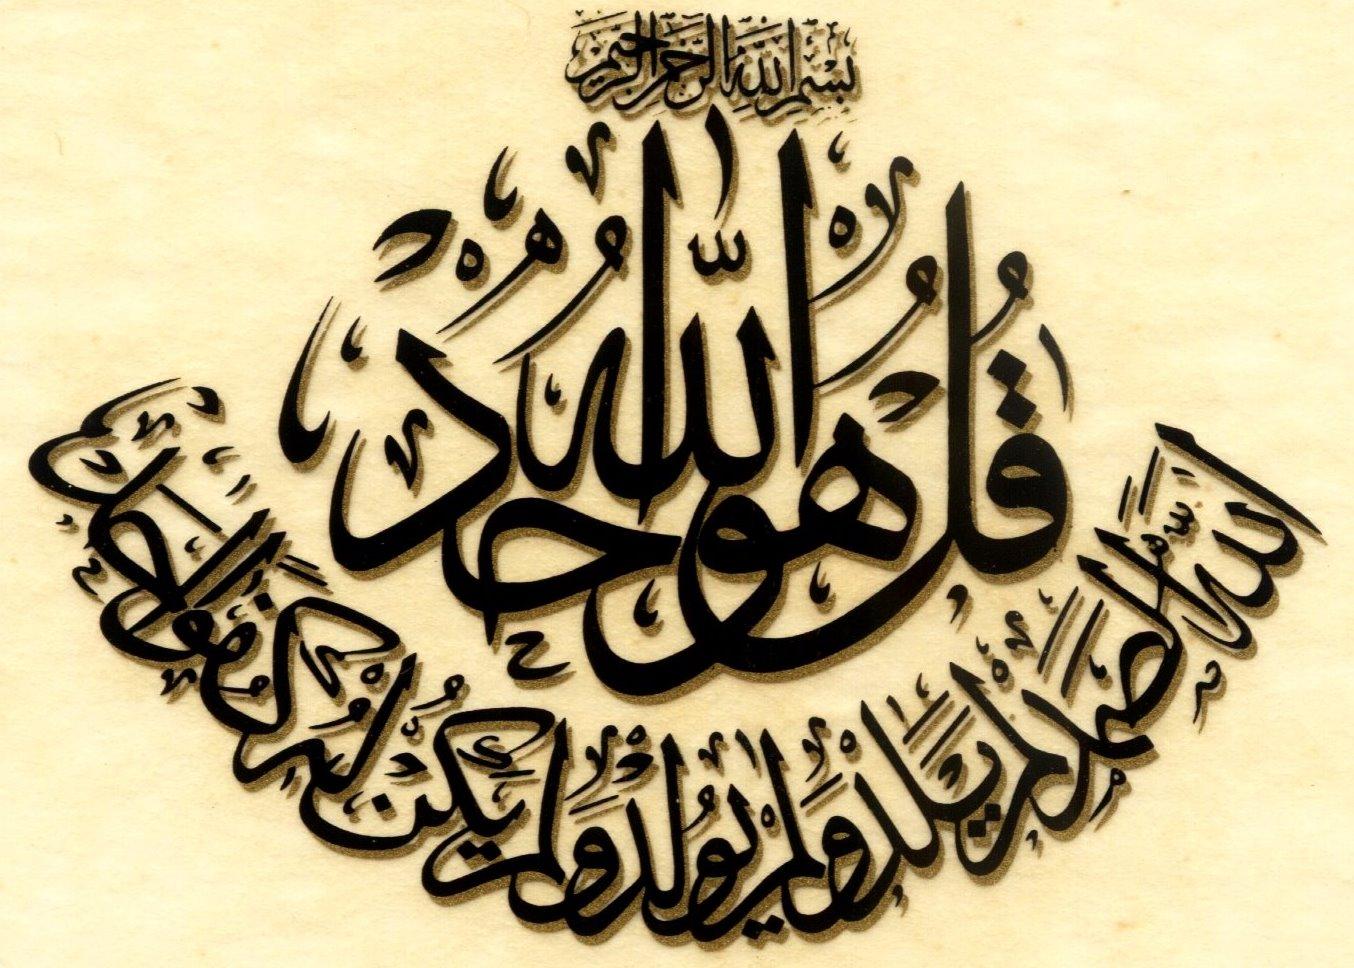 Kaligrafi Qul Huwallahu Ahad Cikimmcom